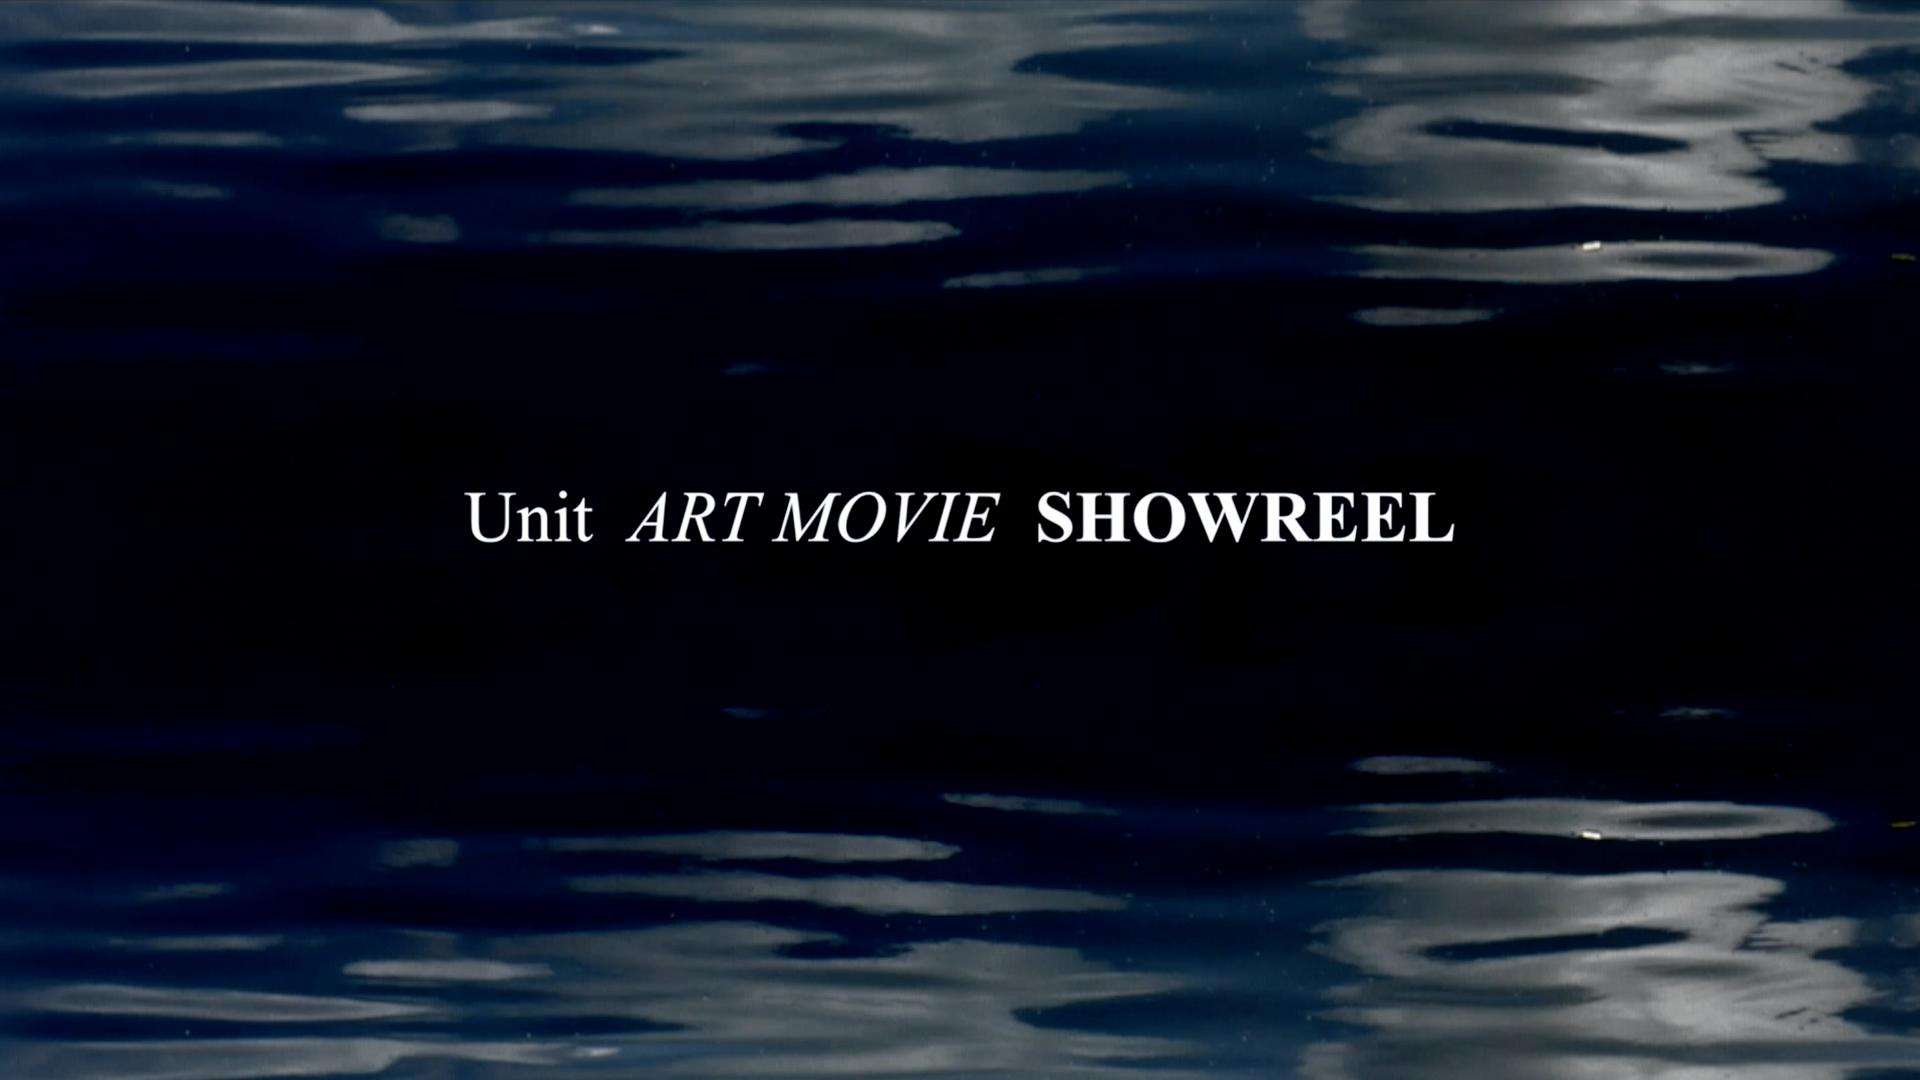 Unit Art Movie Showreel